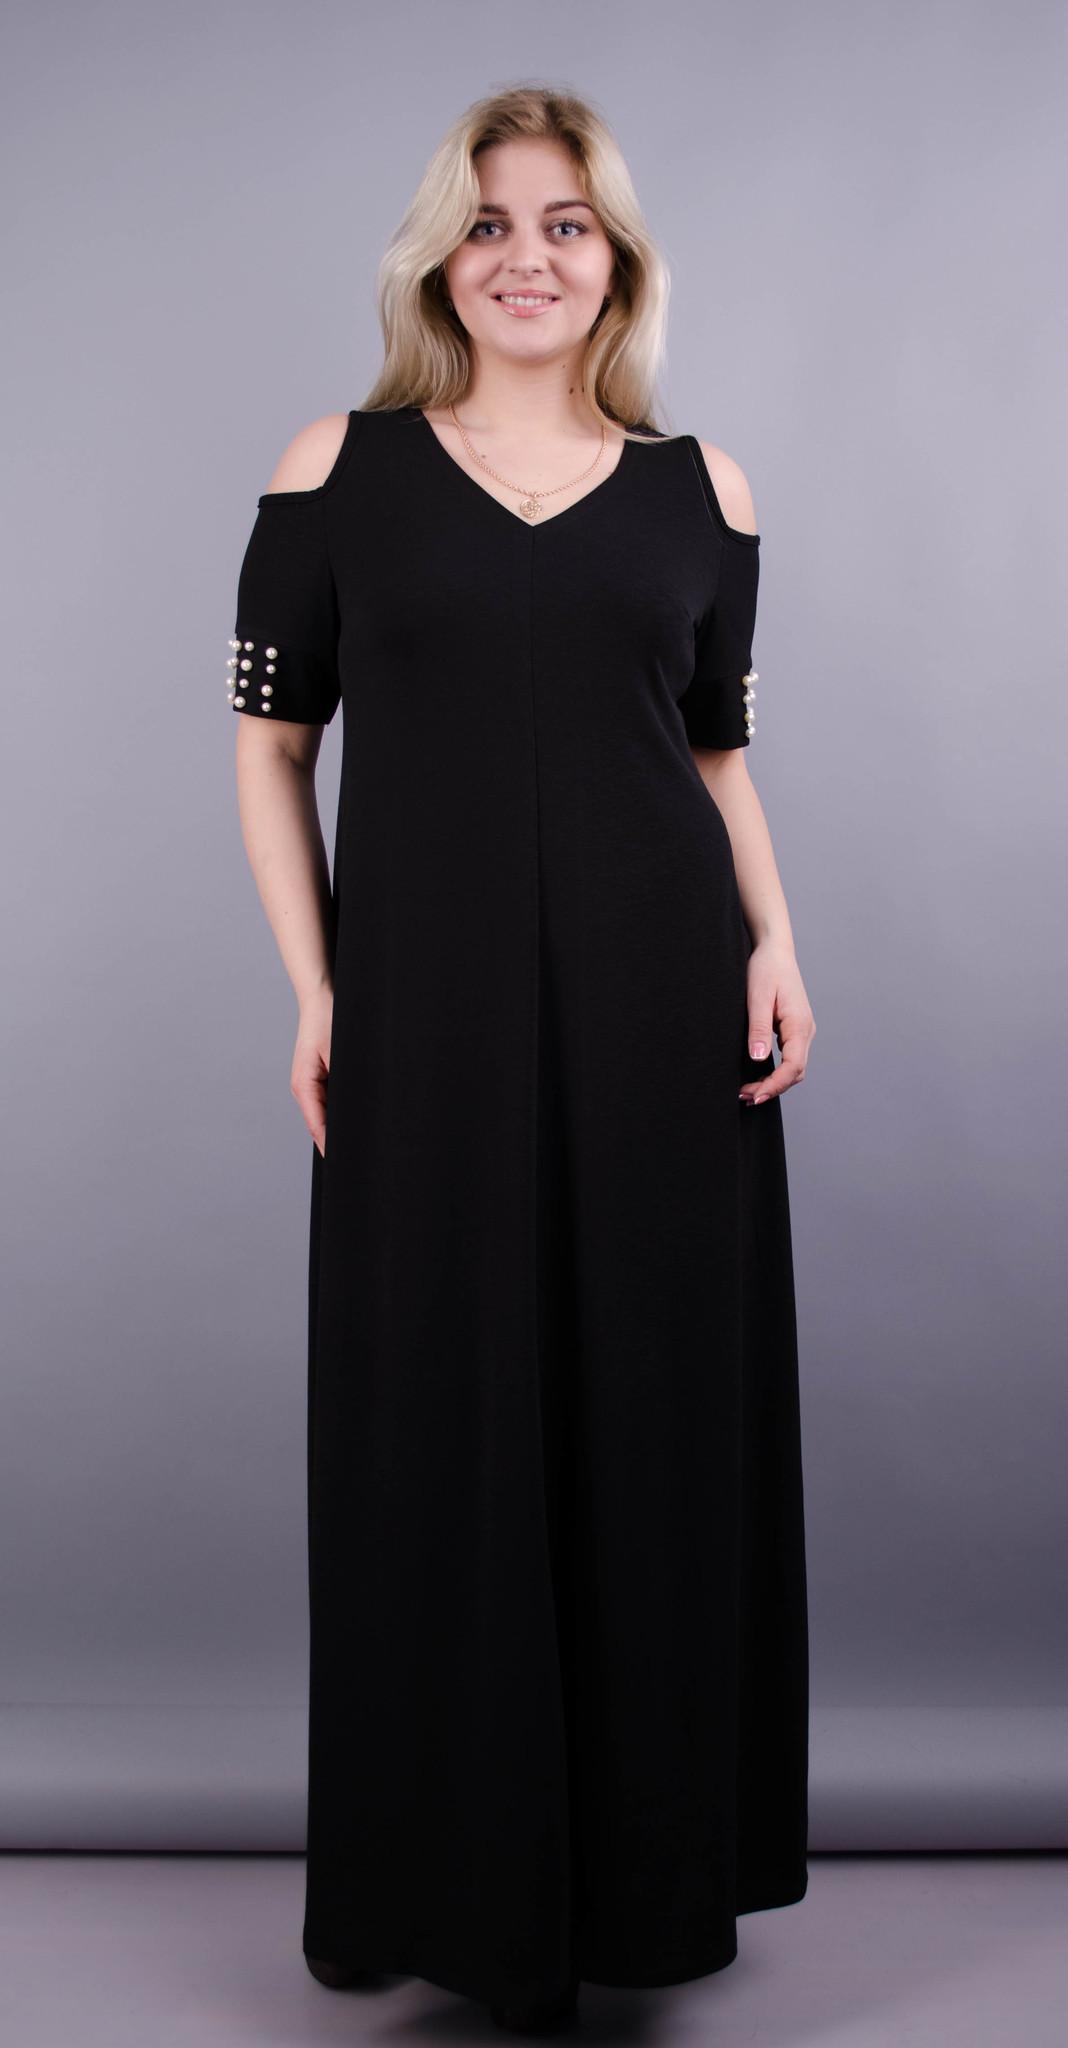 Дюшес. Вечірня сукня плюс сайз. Чорний.